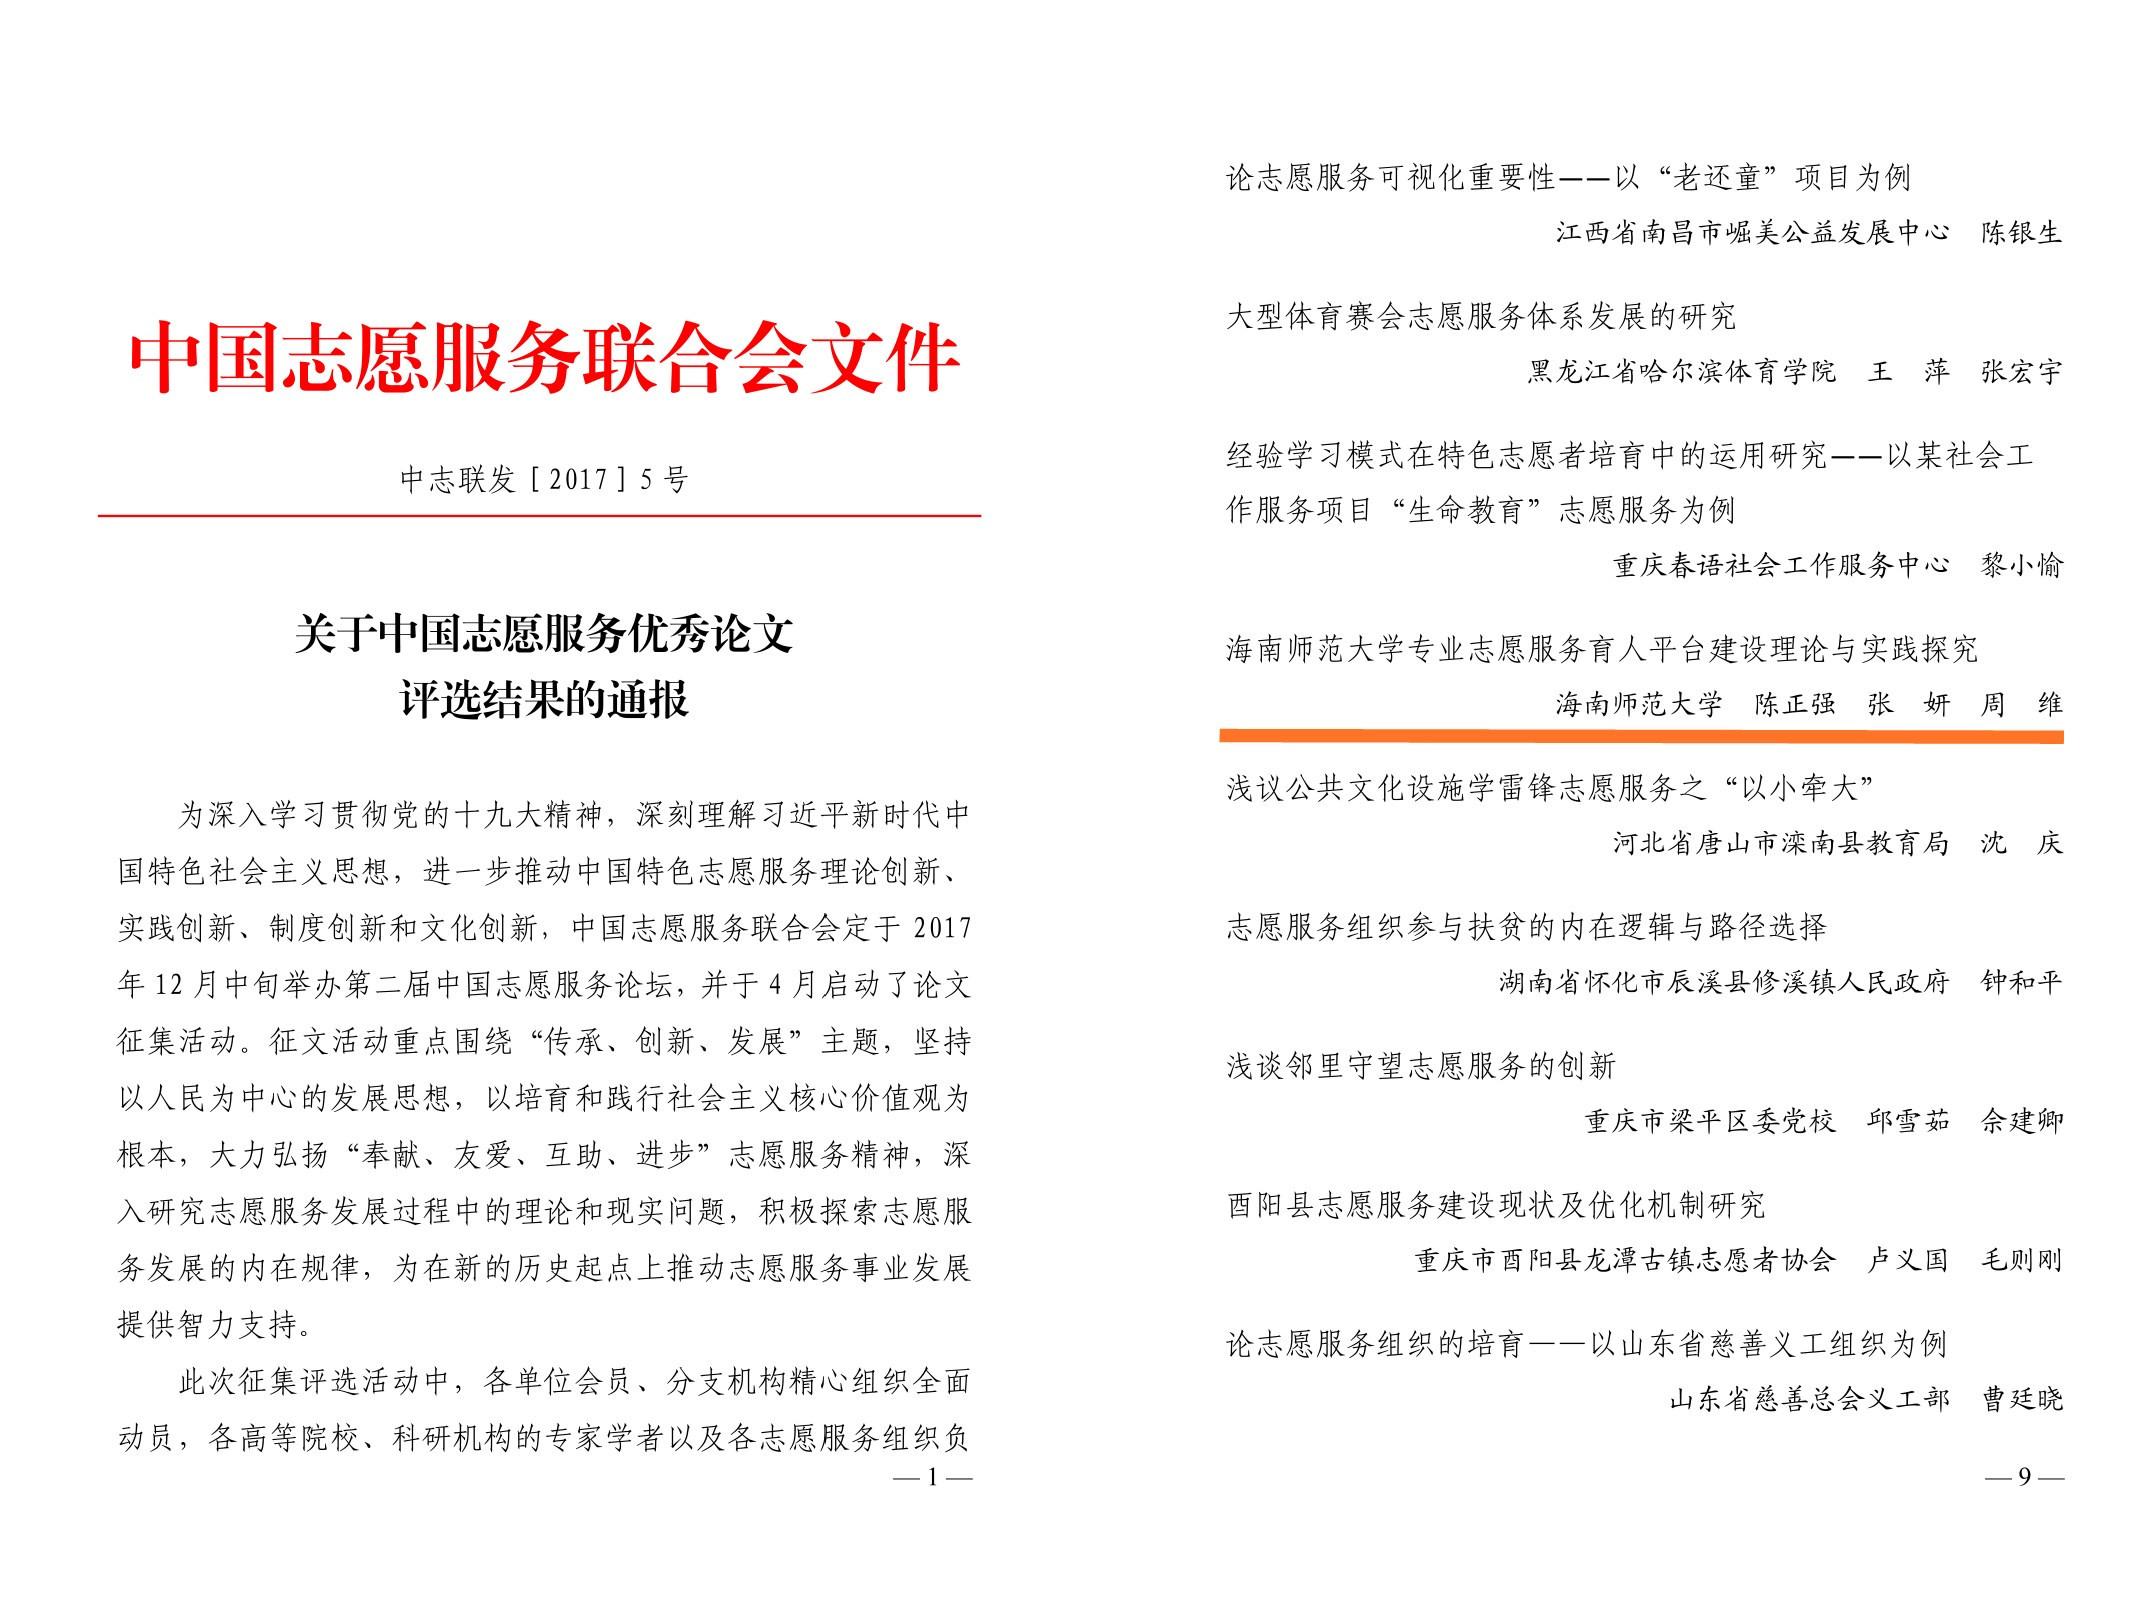 我校参与中国志愿服务优秀论文评选获三等奖